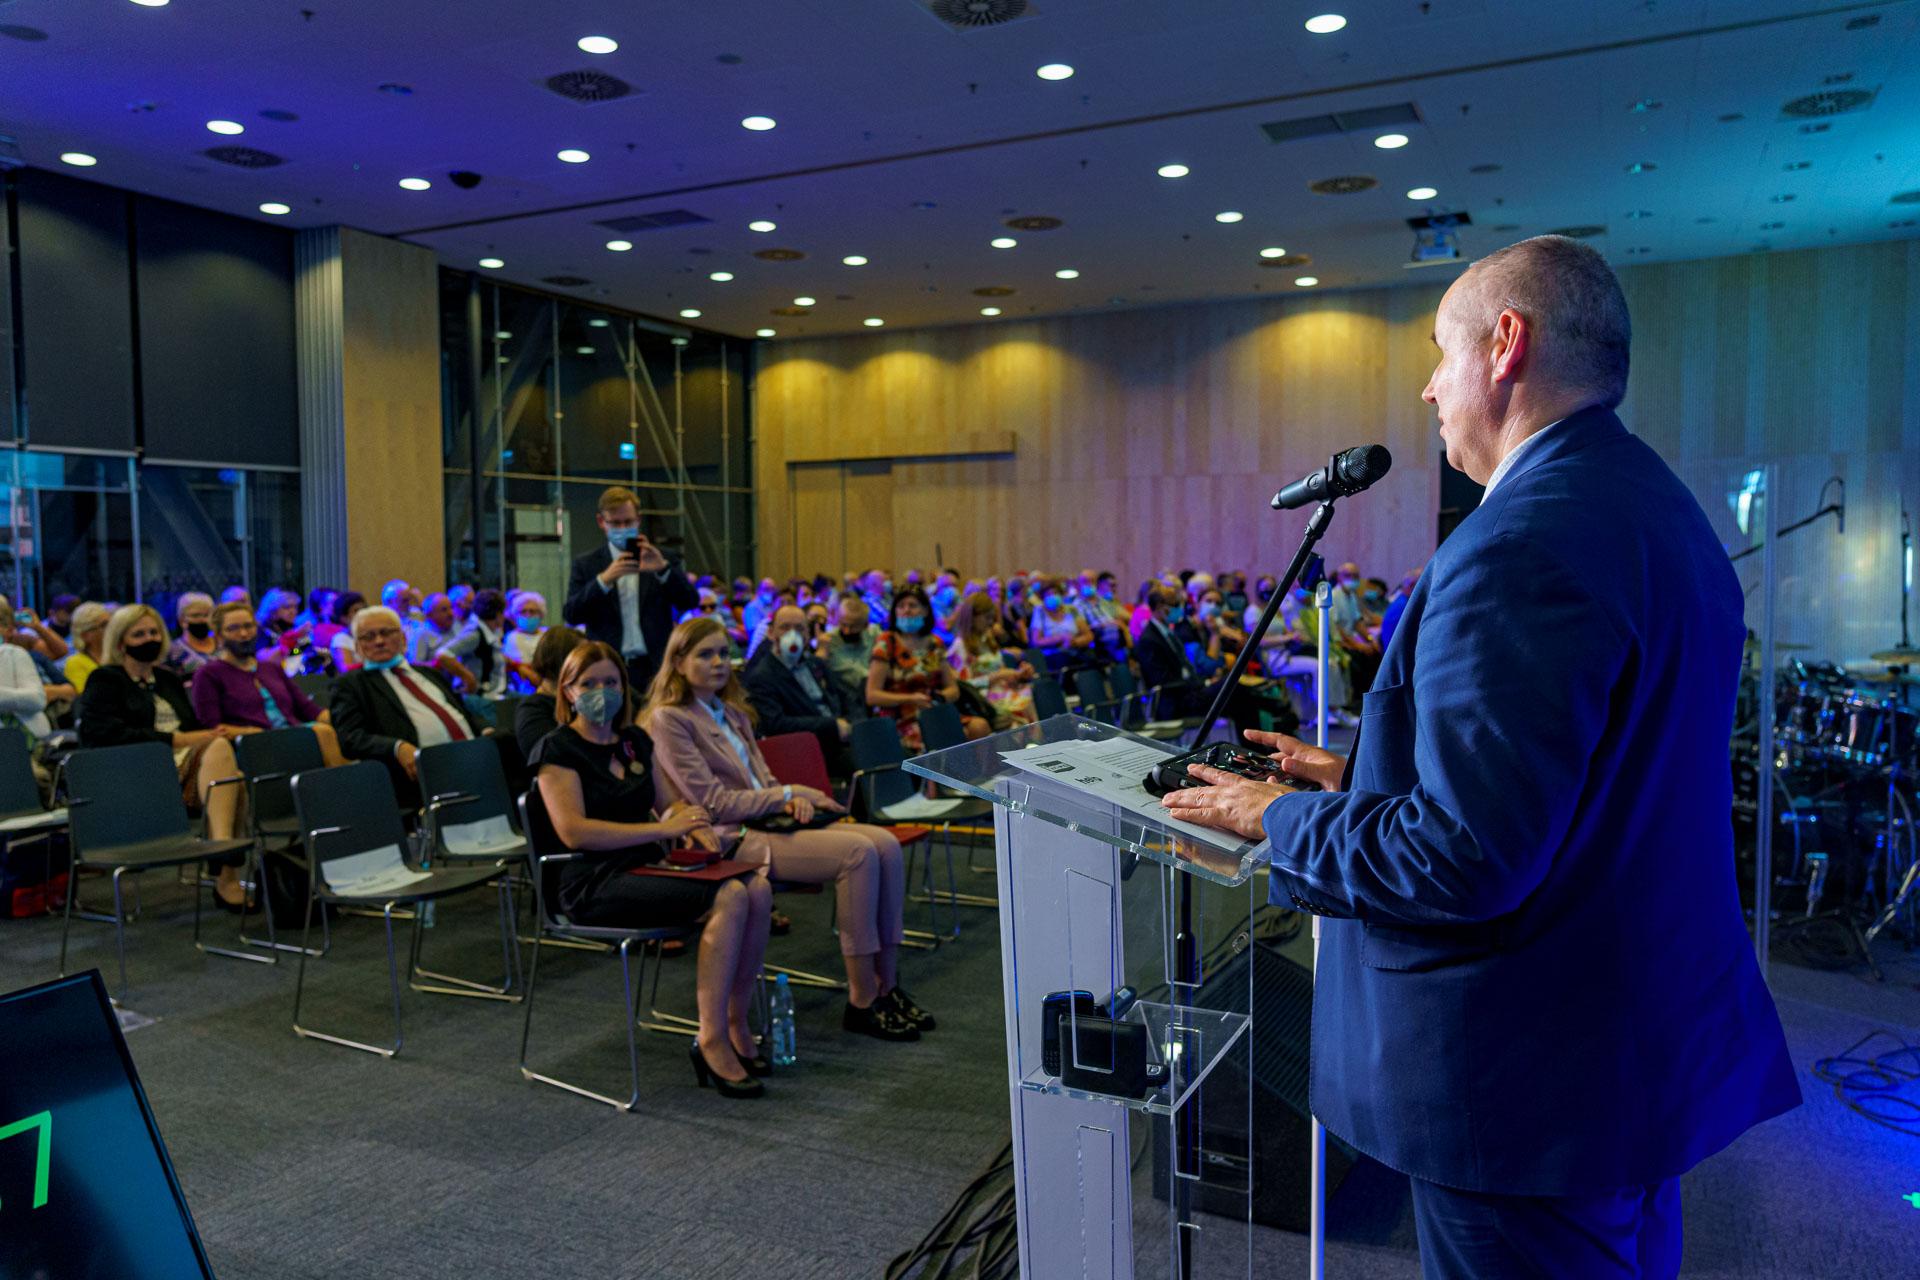 Kadr z REHA 2021, przemówienie ministra Pawła Wdówika.